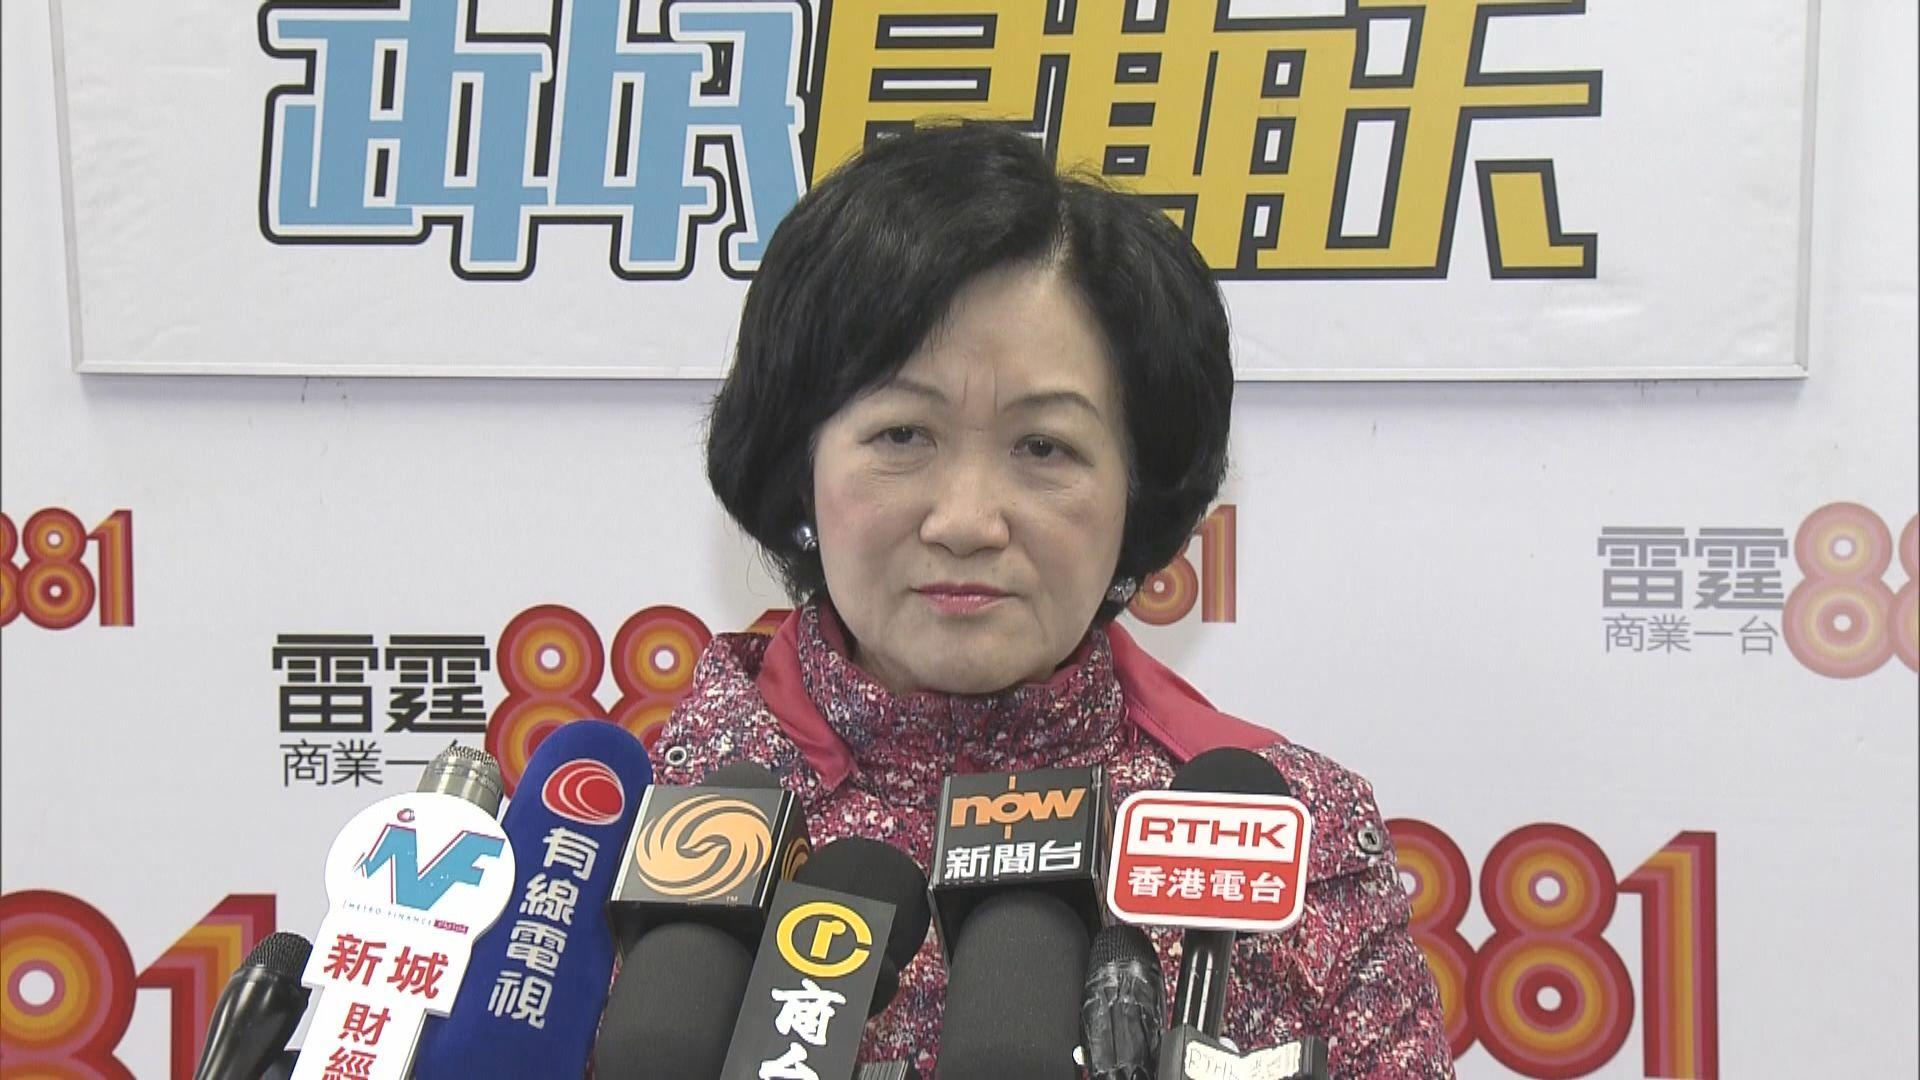 葉劉淑儀︰自由市場若涉公眾利益應受規管